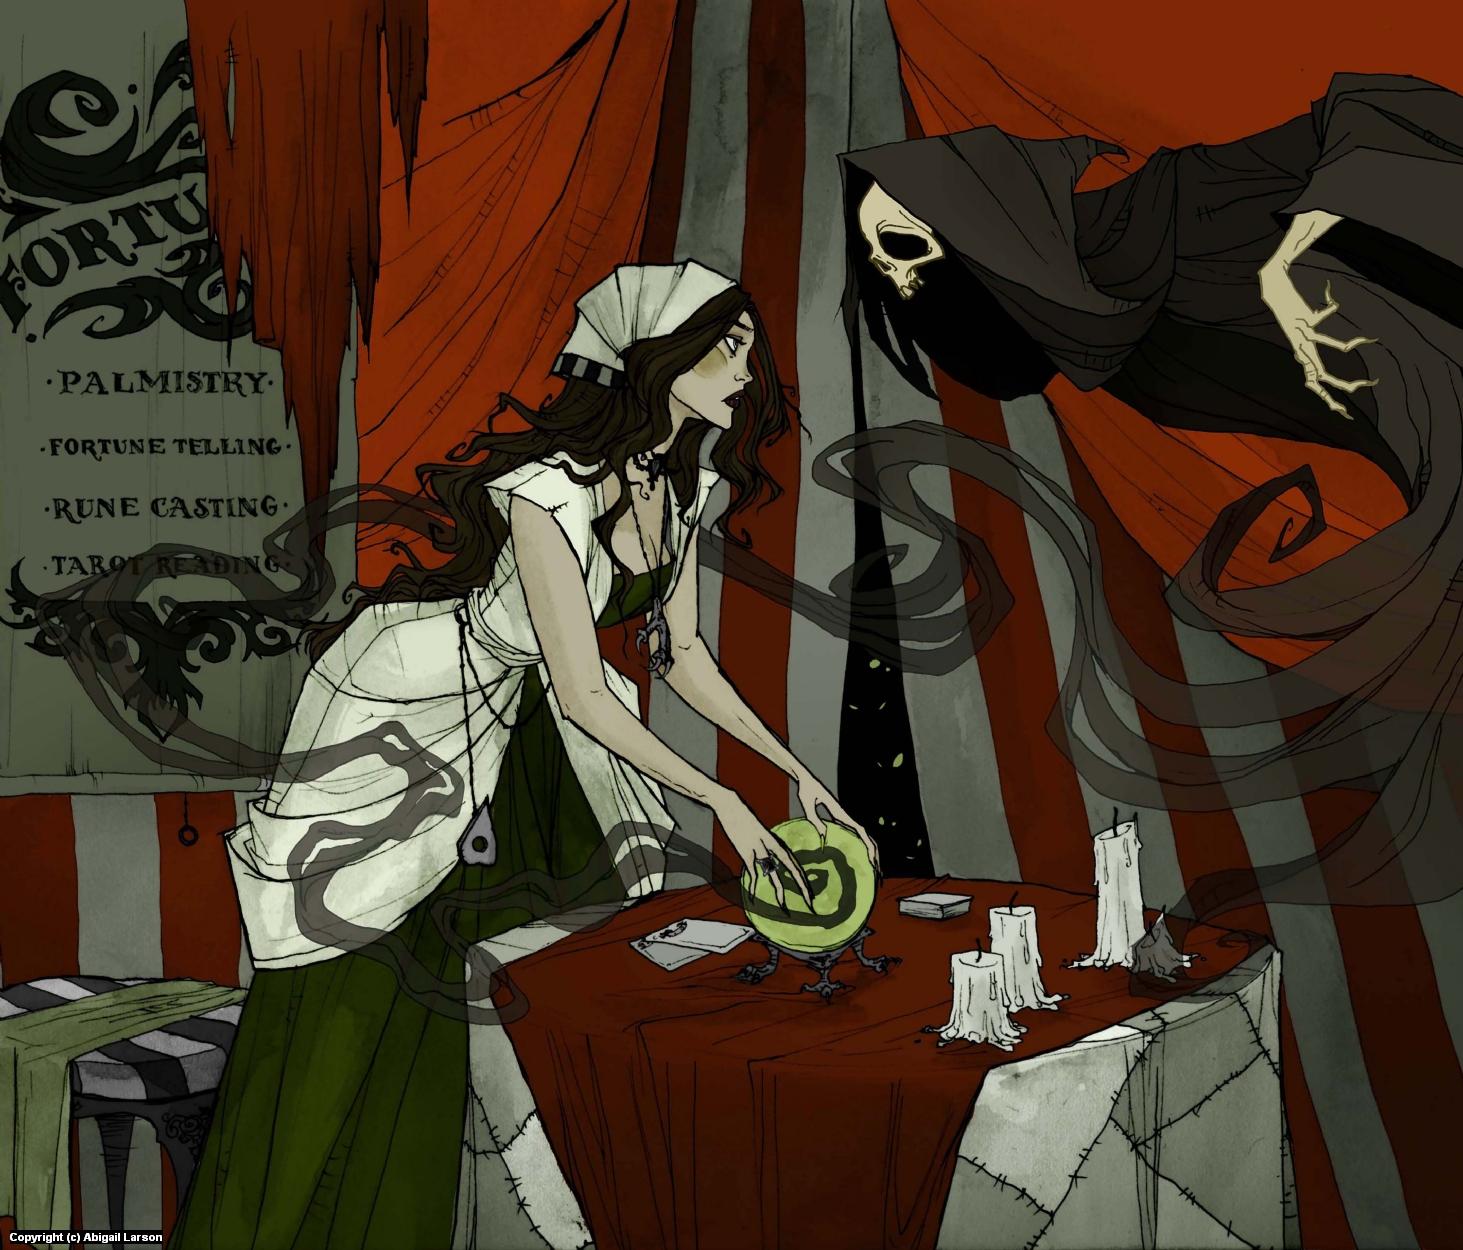 The Fortune Teller Artwork by Abigail Larson